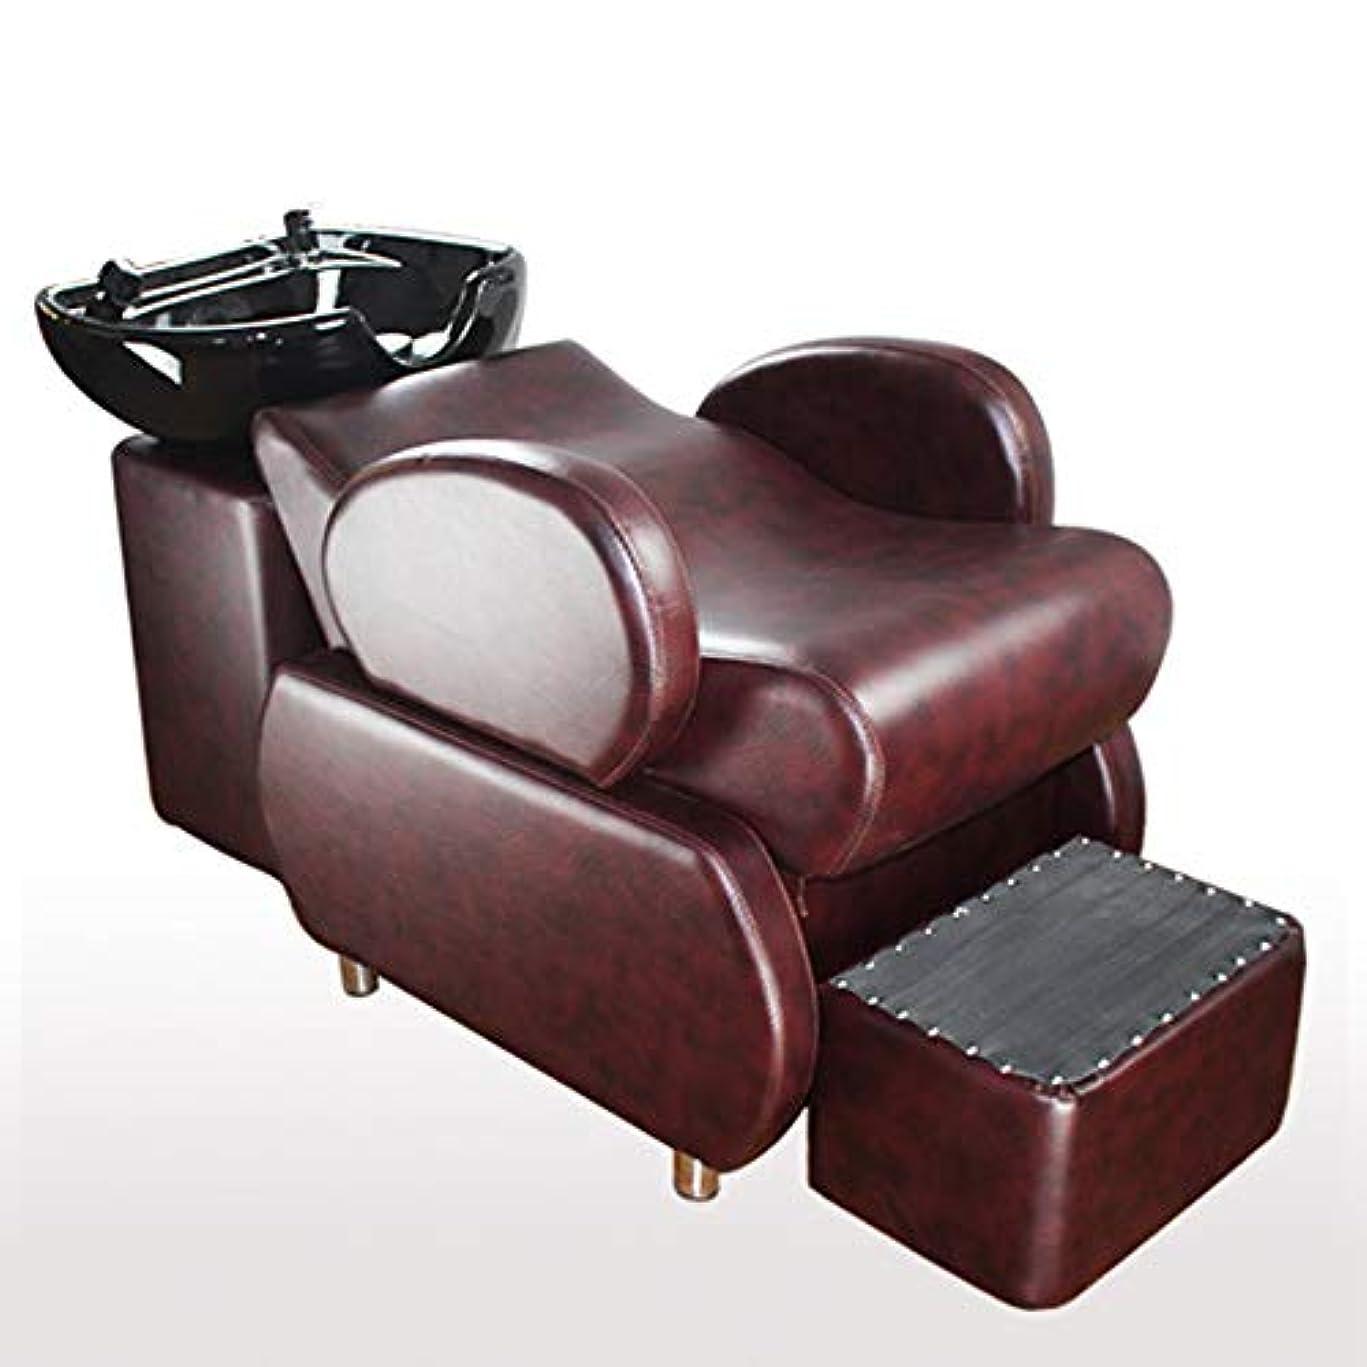 校長拮抗するカウンタシャンプー椅子、逆洗ユニットシャンプーボウル理髪シンク椅子半横たわっているシャンプーベッドスパ美容院機器